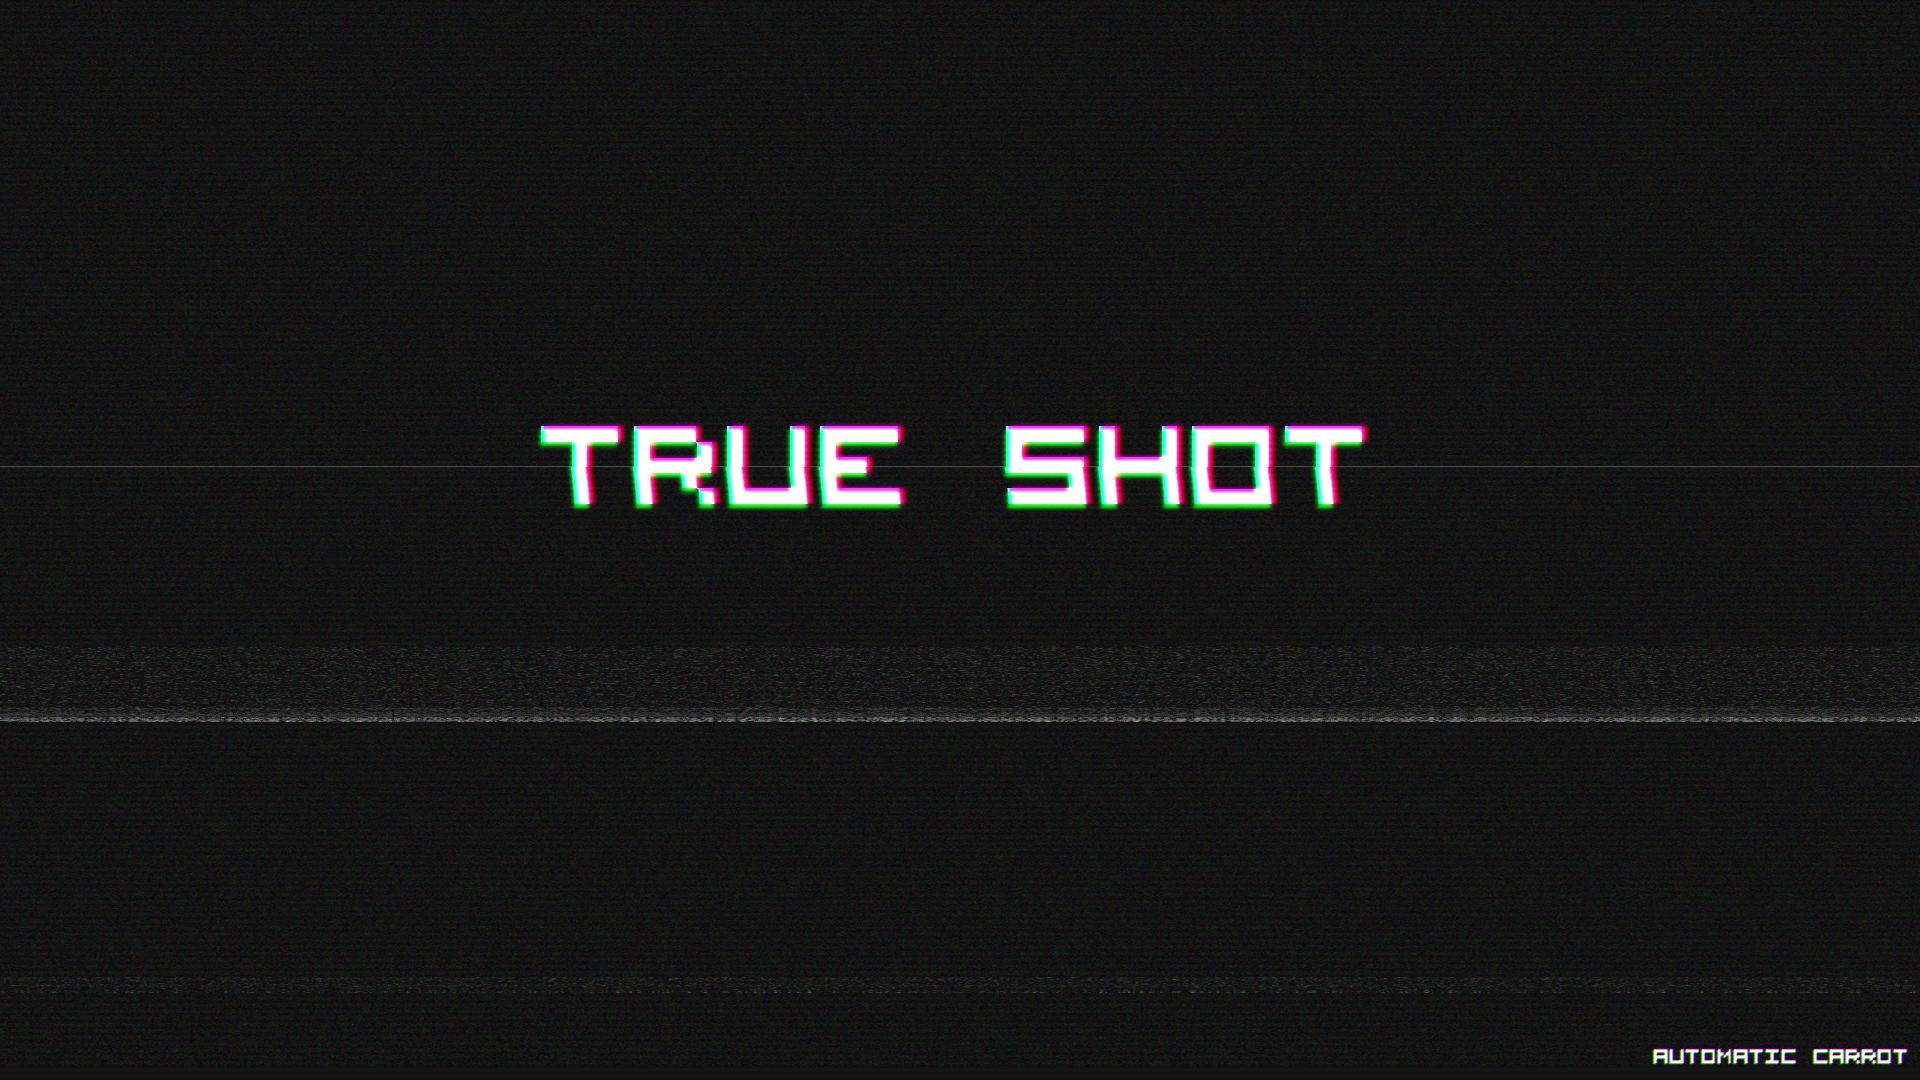 True Shot